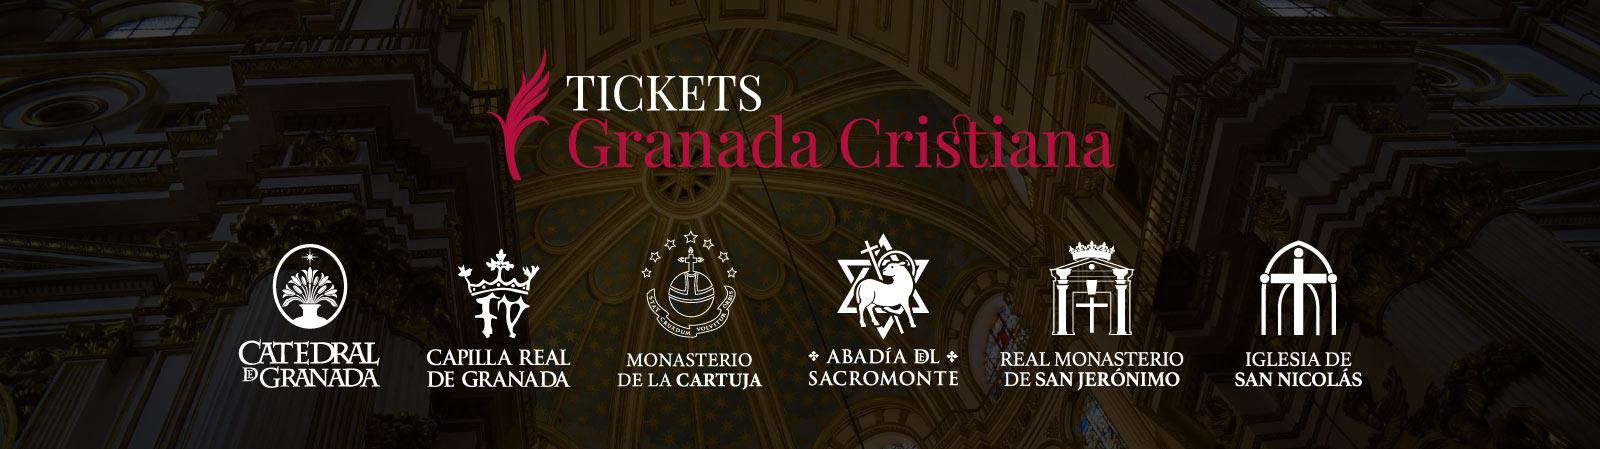 Diseño de estrategia online para Tickets Granada Cristiana